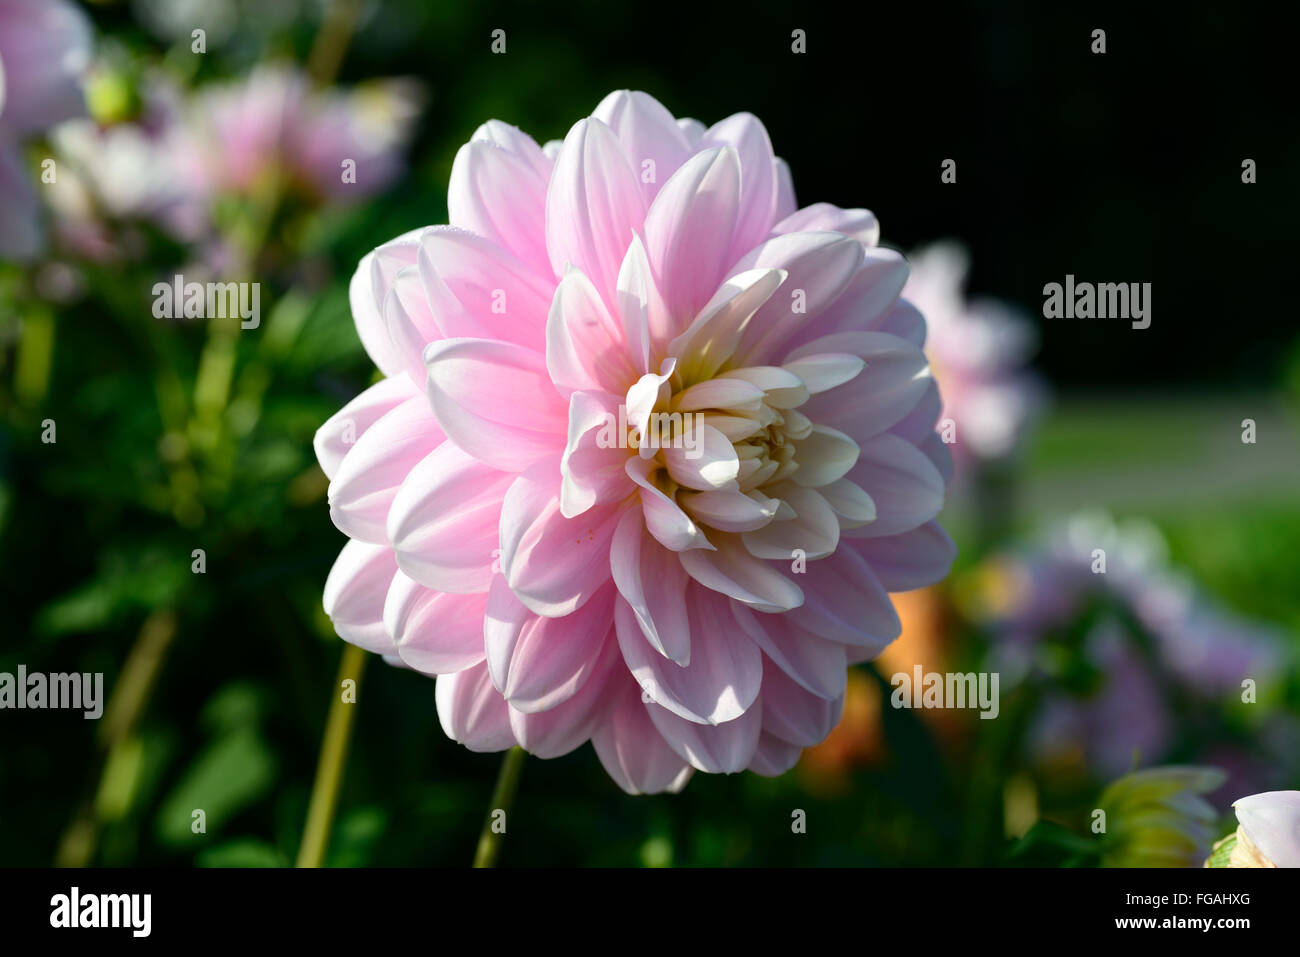 Dahlia brackenridge ballerina pink waterlily dahlias flower flowers dahlia brackenridge ballerina pink waterlily dahlias flower flowers bloom blossom perennial tuber tuberous plant rm floral izmirmasajfo